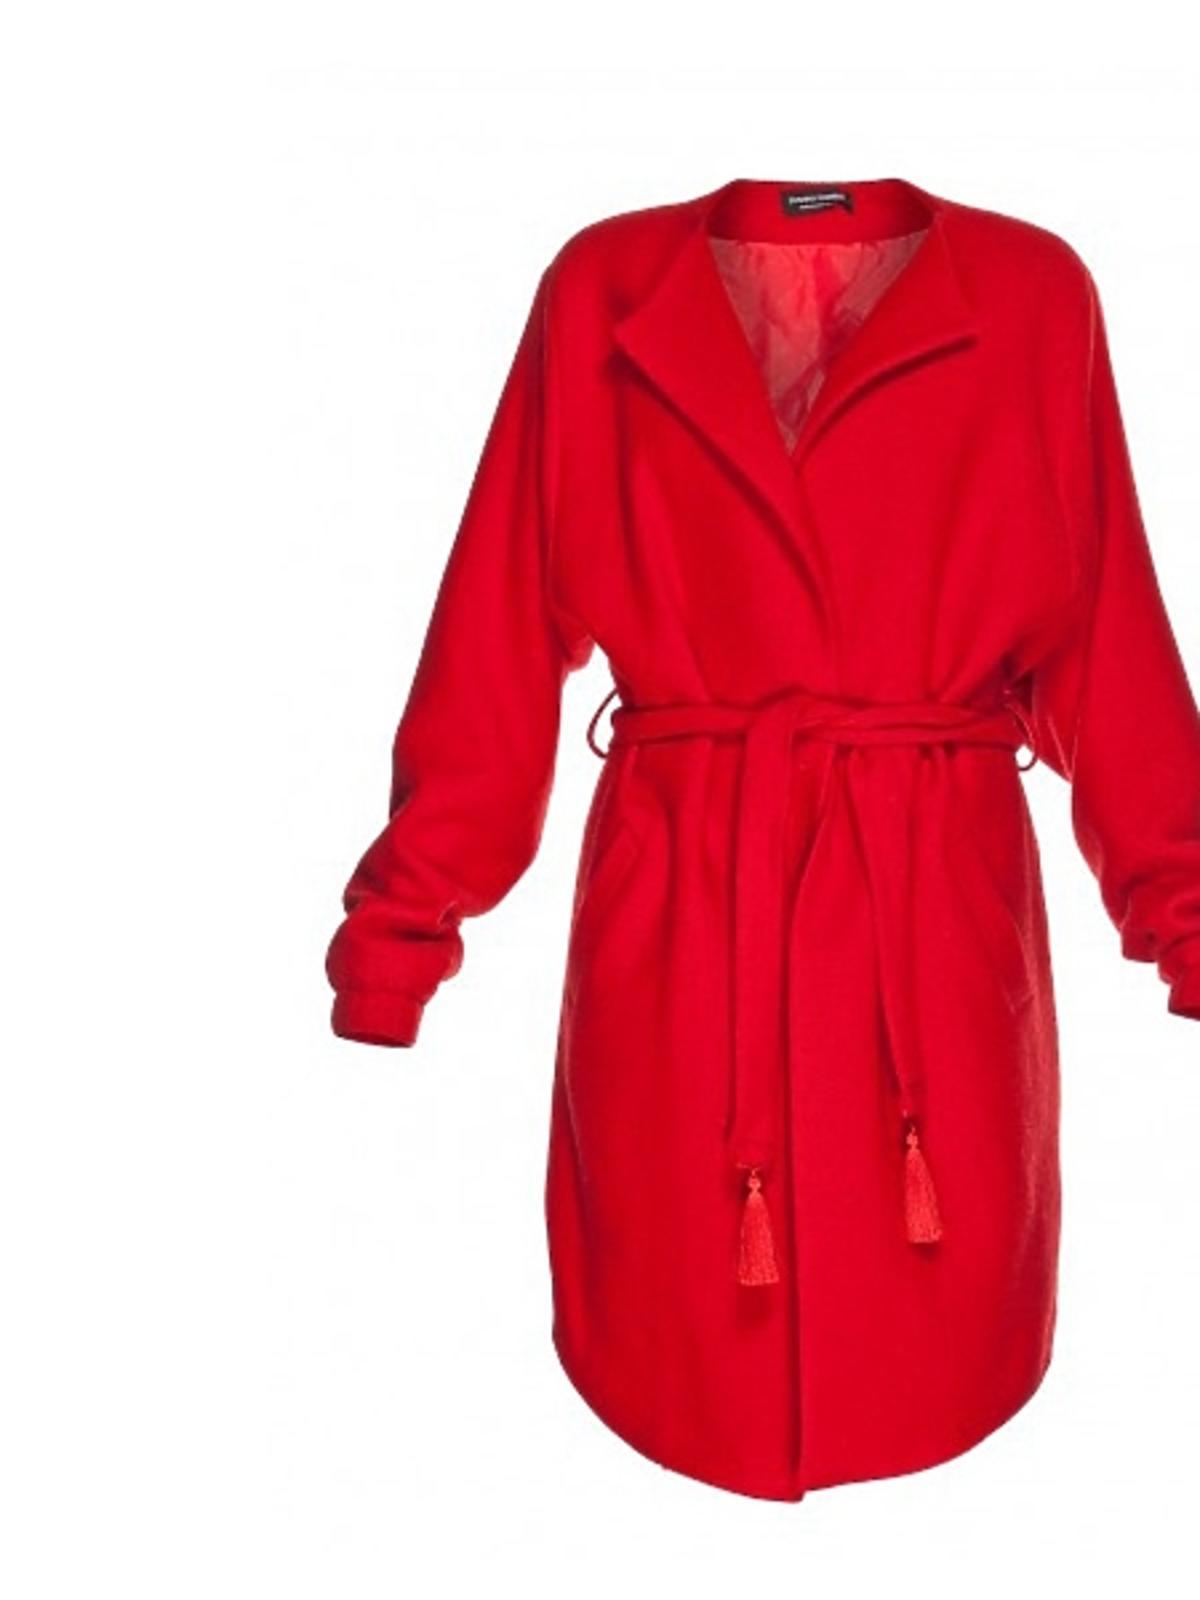 Czerwony płaszcz Joanna Hawrot, cena